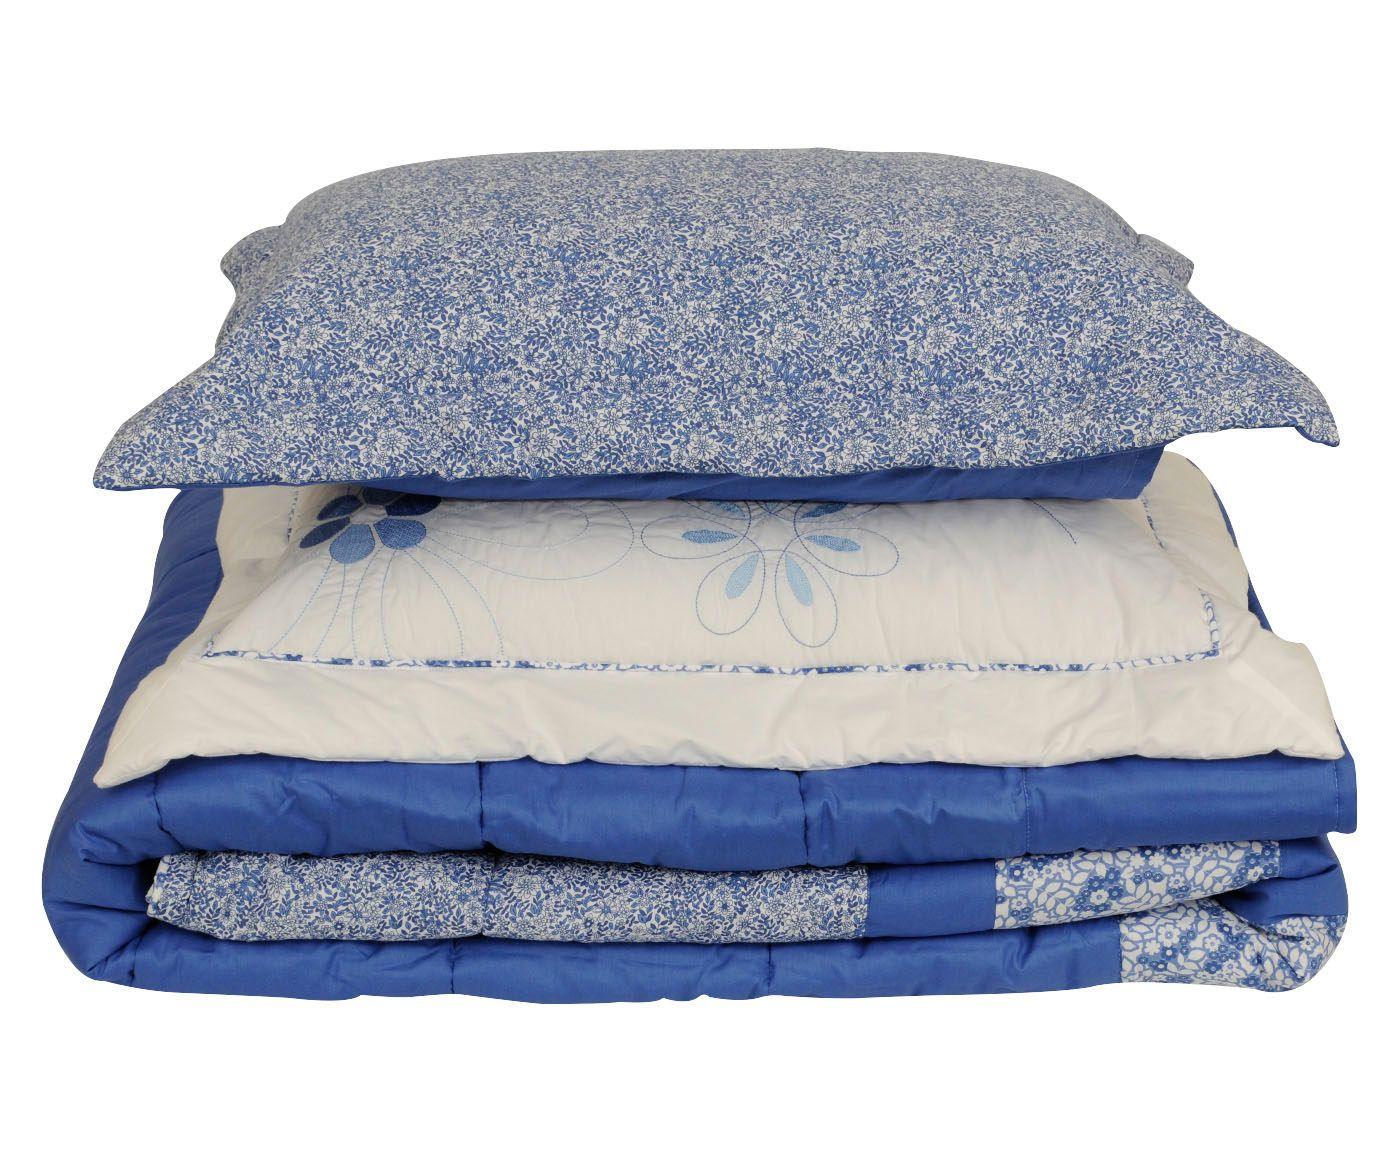 Jogo com colcha anis para cama king size 200 fios | Westwing.com.br